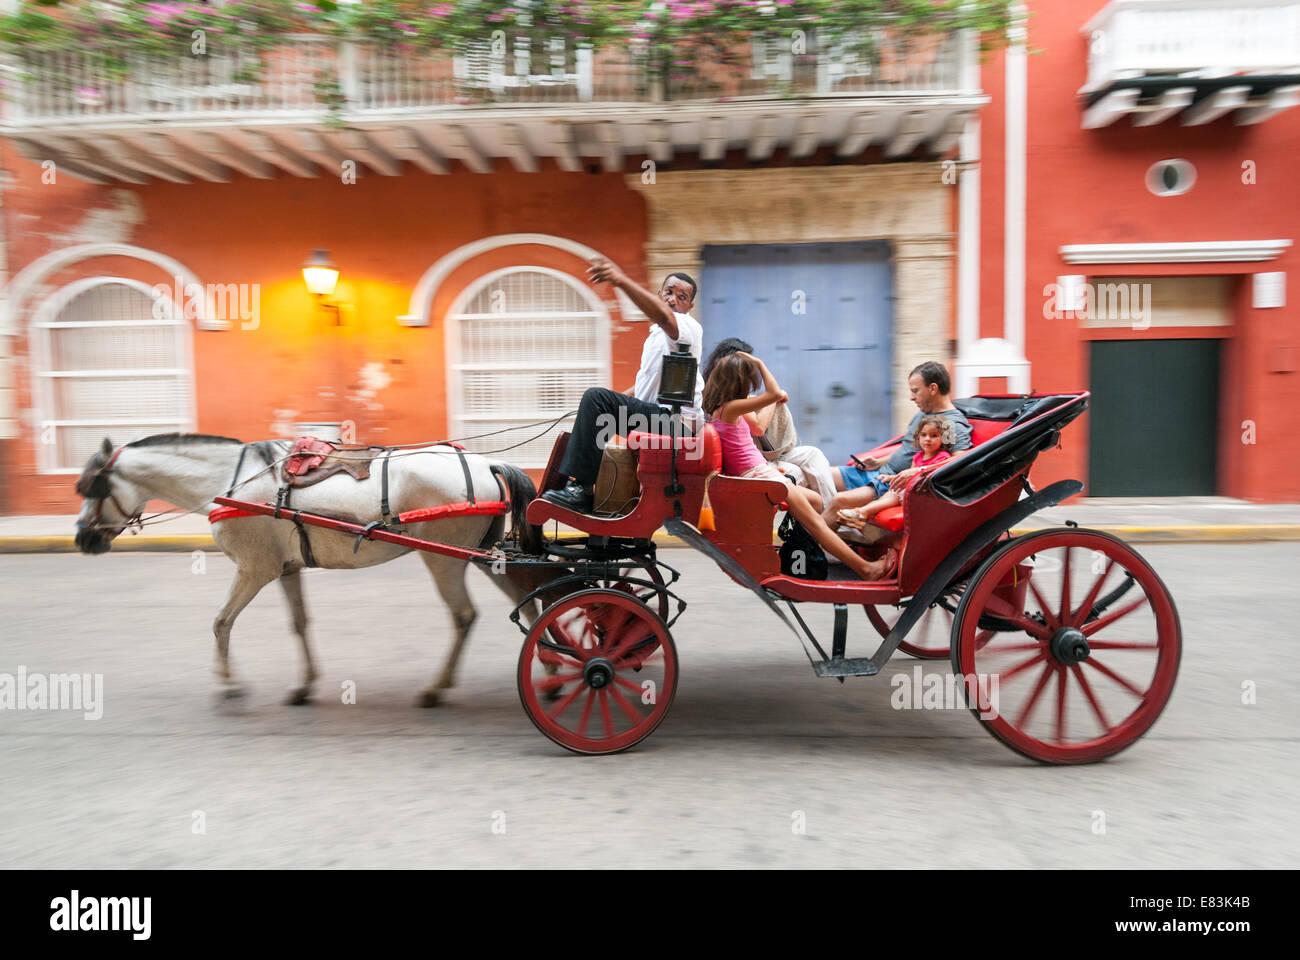 Promenade en calèche à travers les rues de la vieille ville, Cartagena de Indias, Colombie Photo Stock